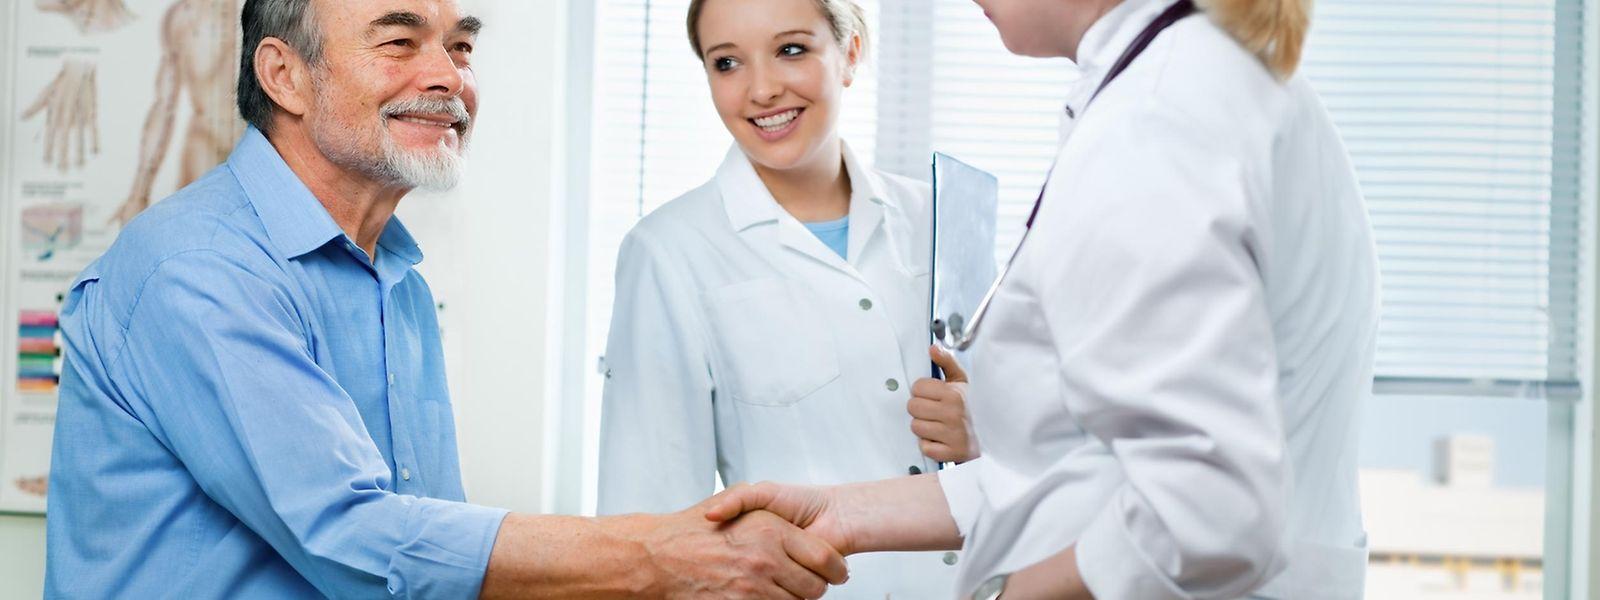 Wer sich auf seinen Arzttermin vorbereitet kann gezielter nachfragen.